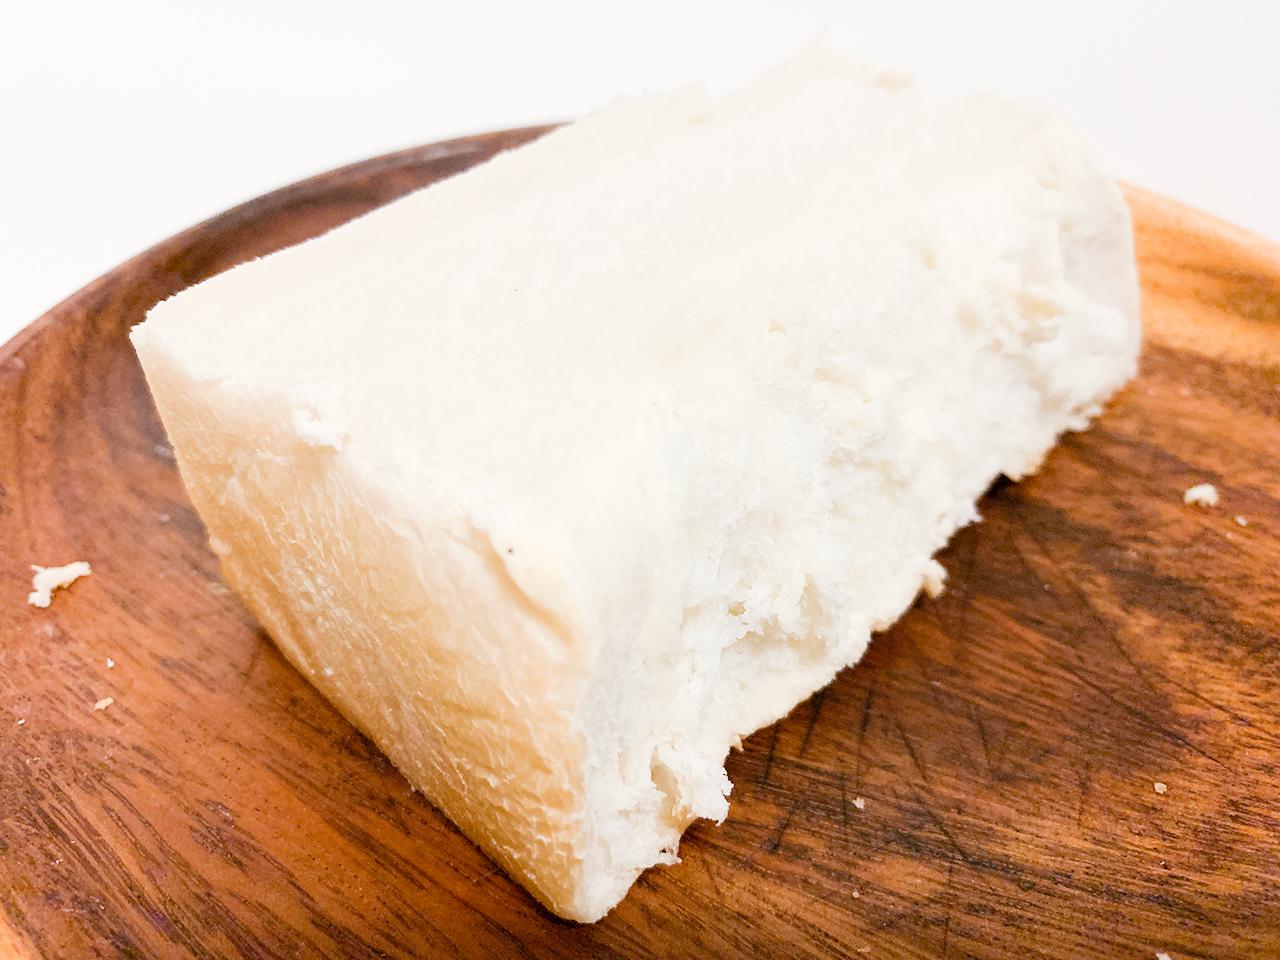 日本の食パンは小麦の味をしっかり味わいたい